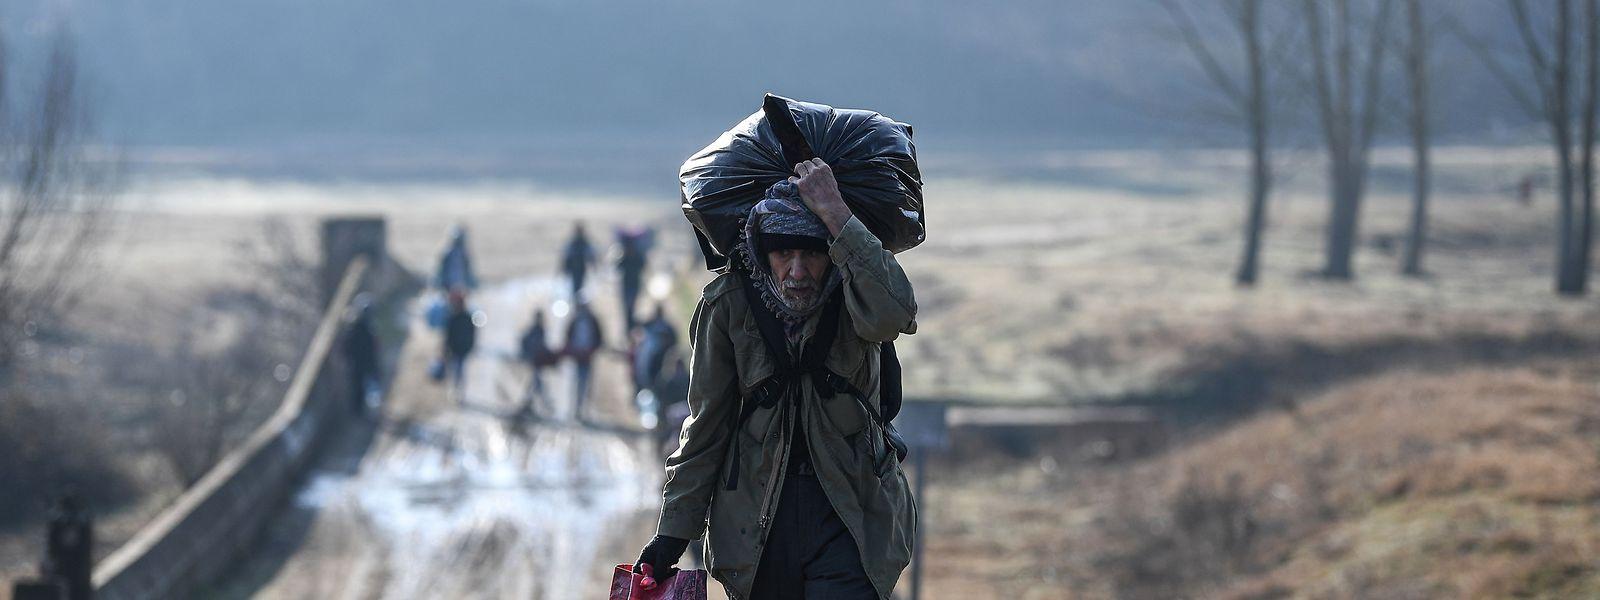 Selbst anerkannte Asylbewerber können in Zukunft nicht auf eine Zukunft in dem EU-Land Dänemark hoffen.